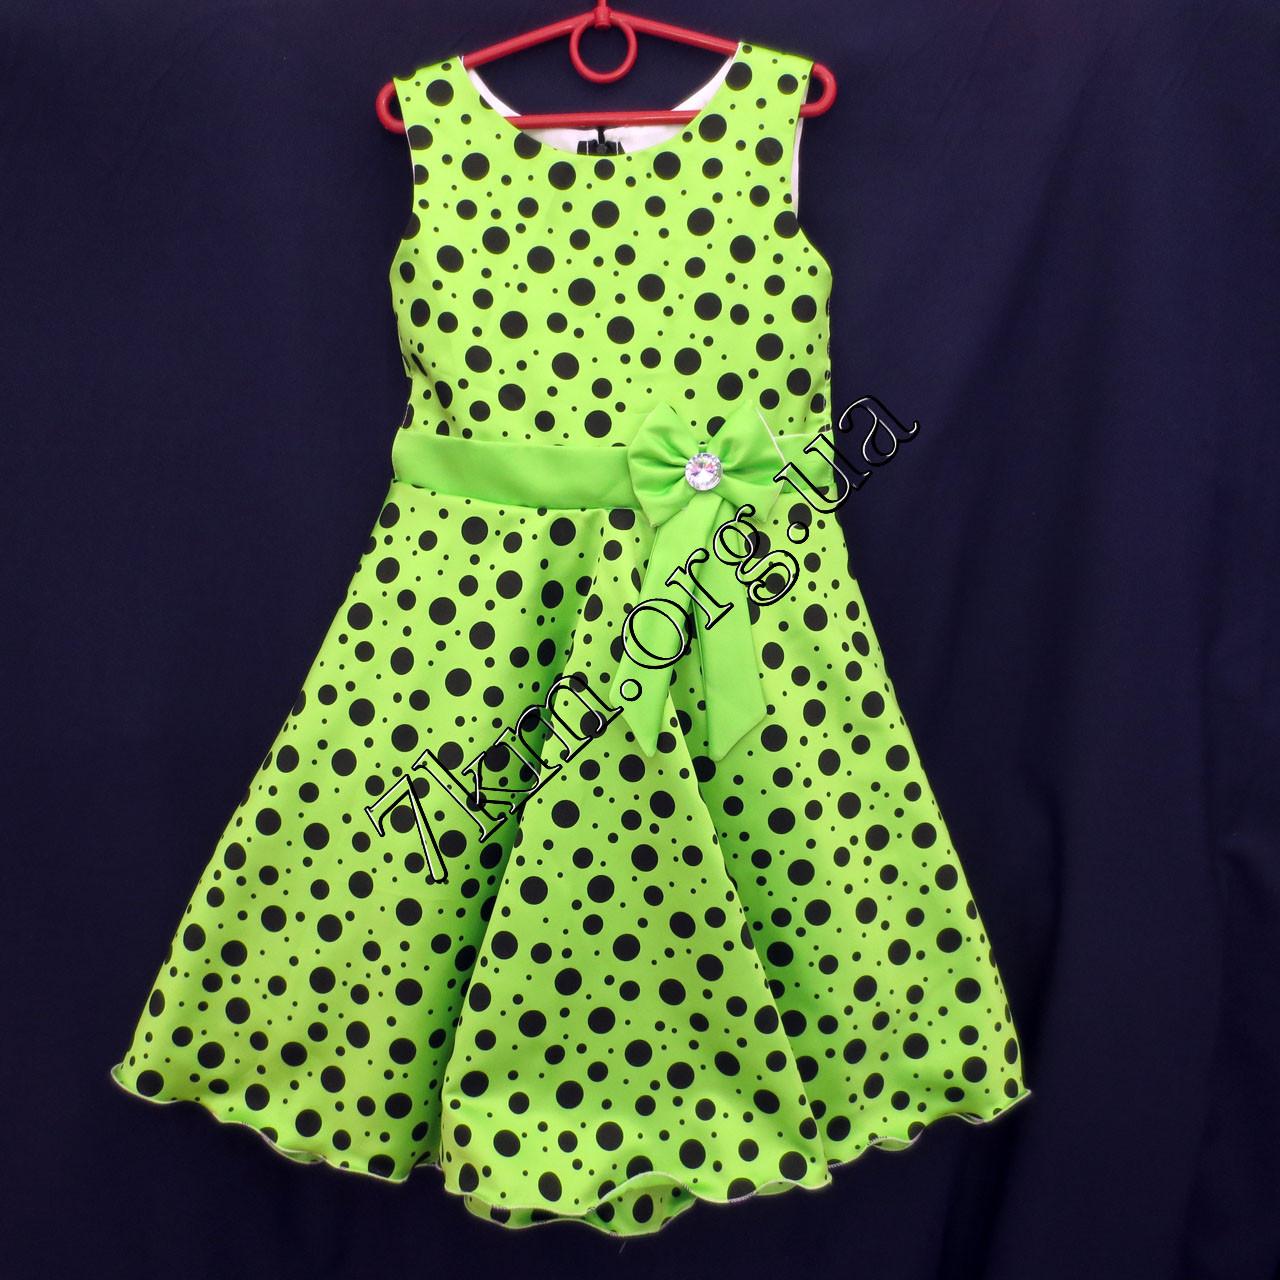 Платье нарядное бальное детское 6 лет Бантикс горохом салатовое Украина оптом.